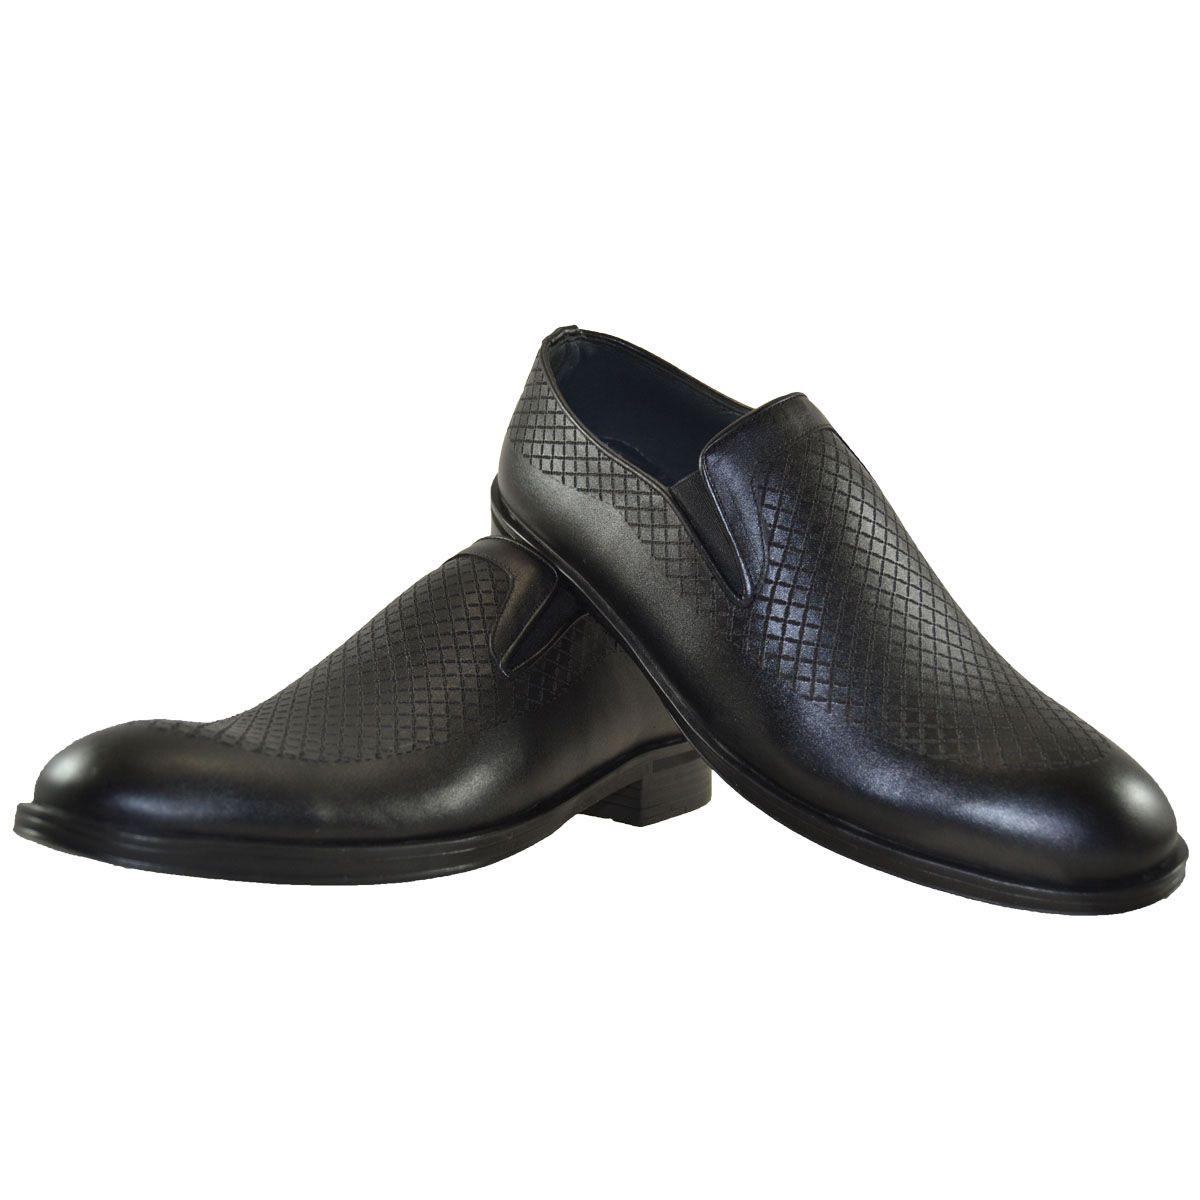 کفش مردانه کد 234 -  - 1